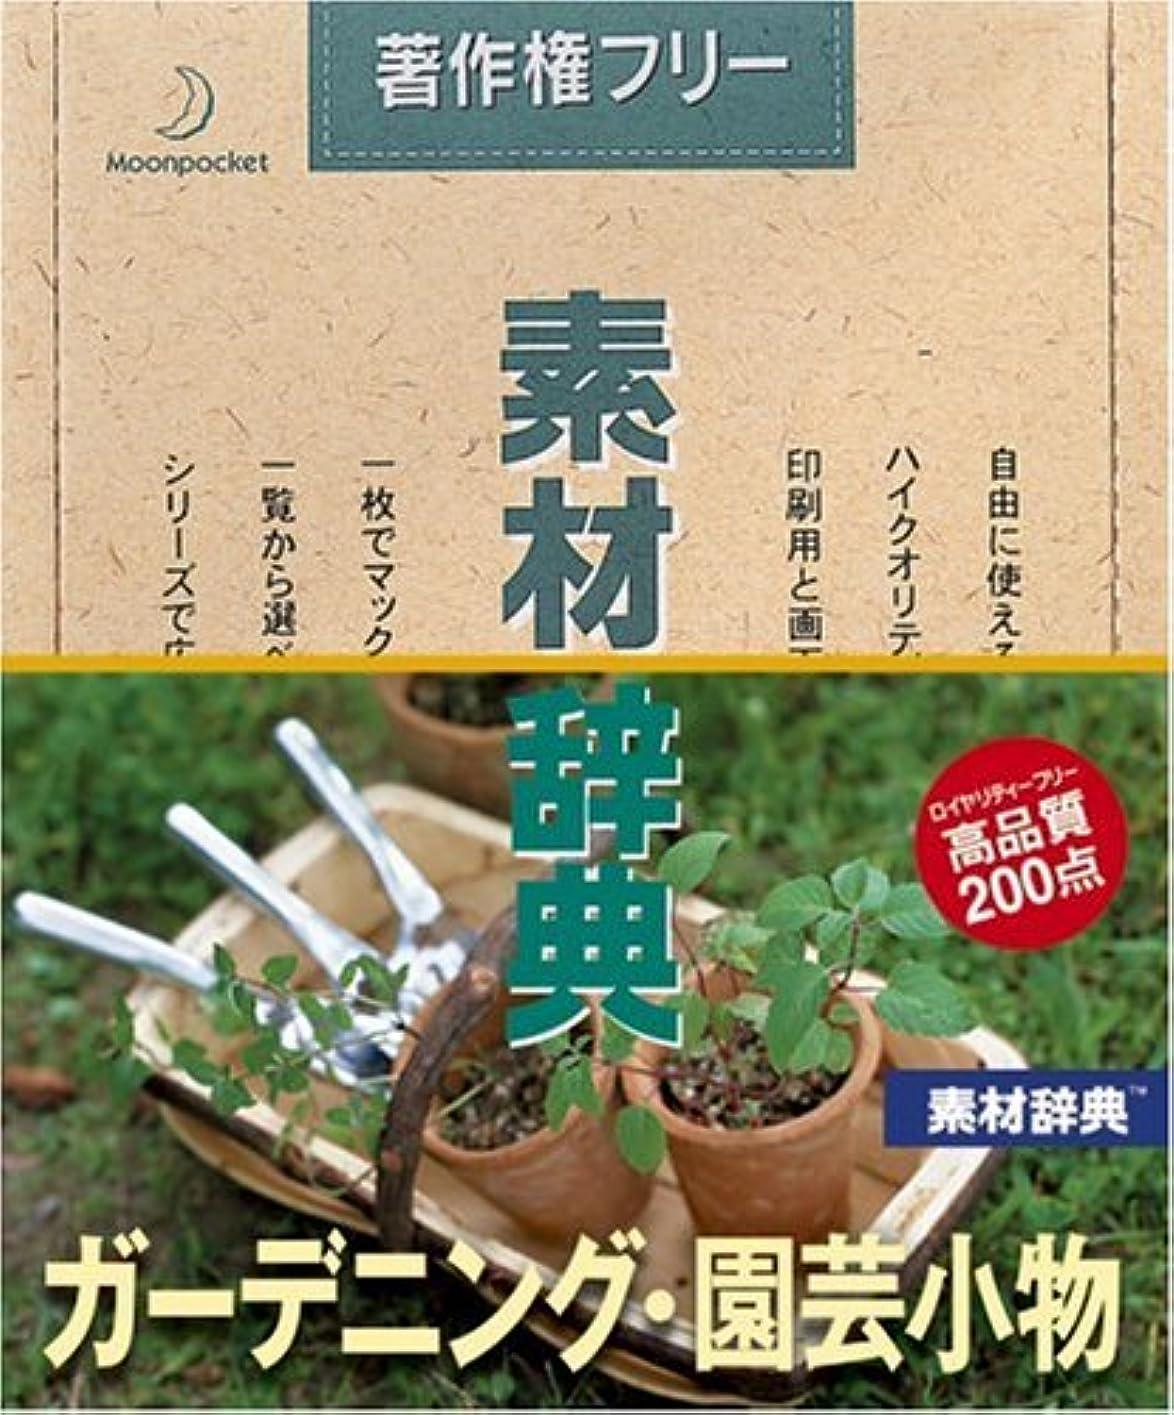 気を散らすシーケンス引く素材辞典 Vol.56 ガーデニング?園芸小物編